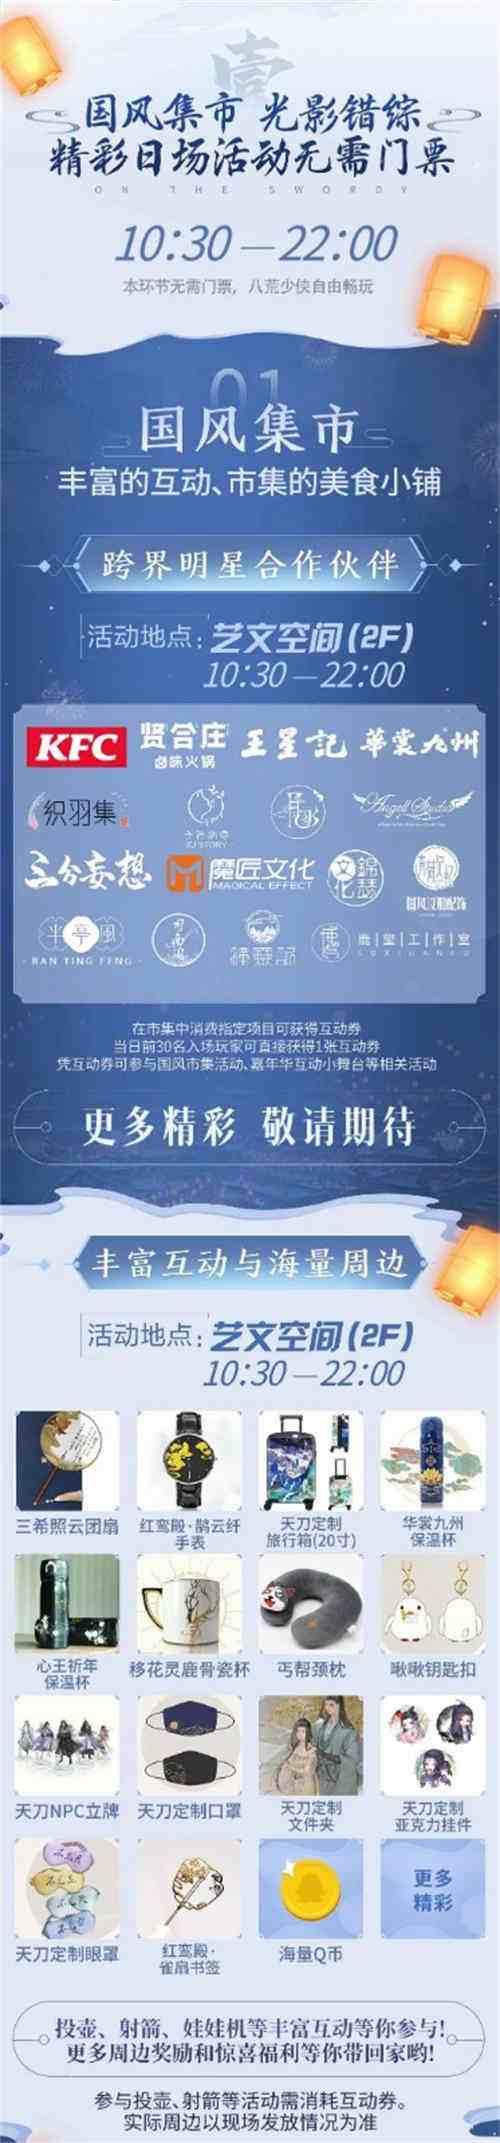 【天刀国风嘉年华】12月23日隆重开幕!